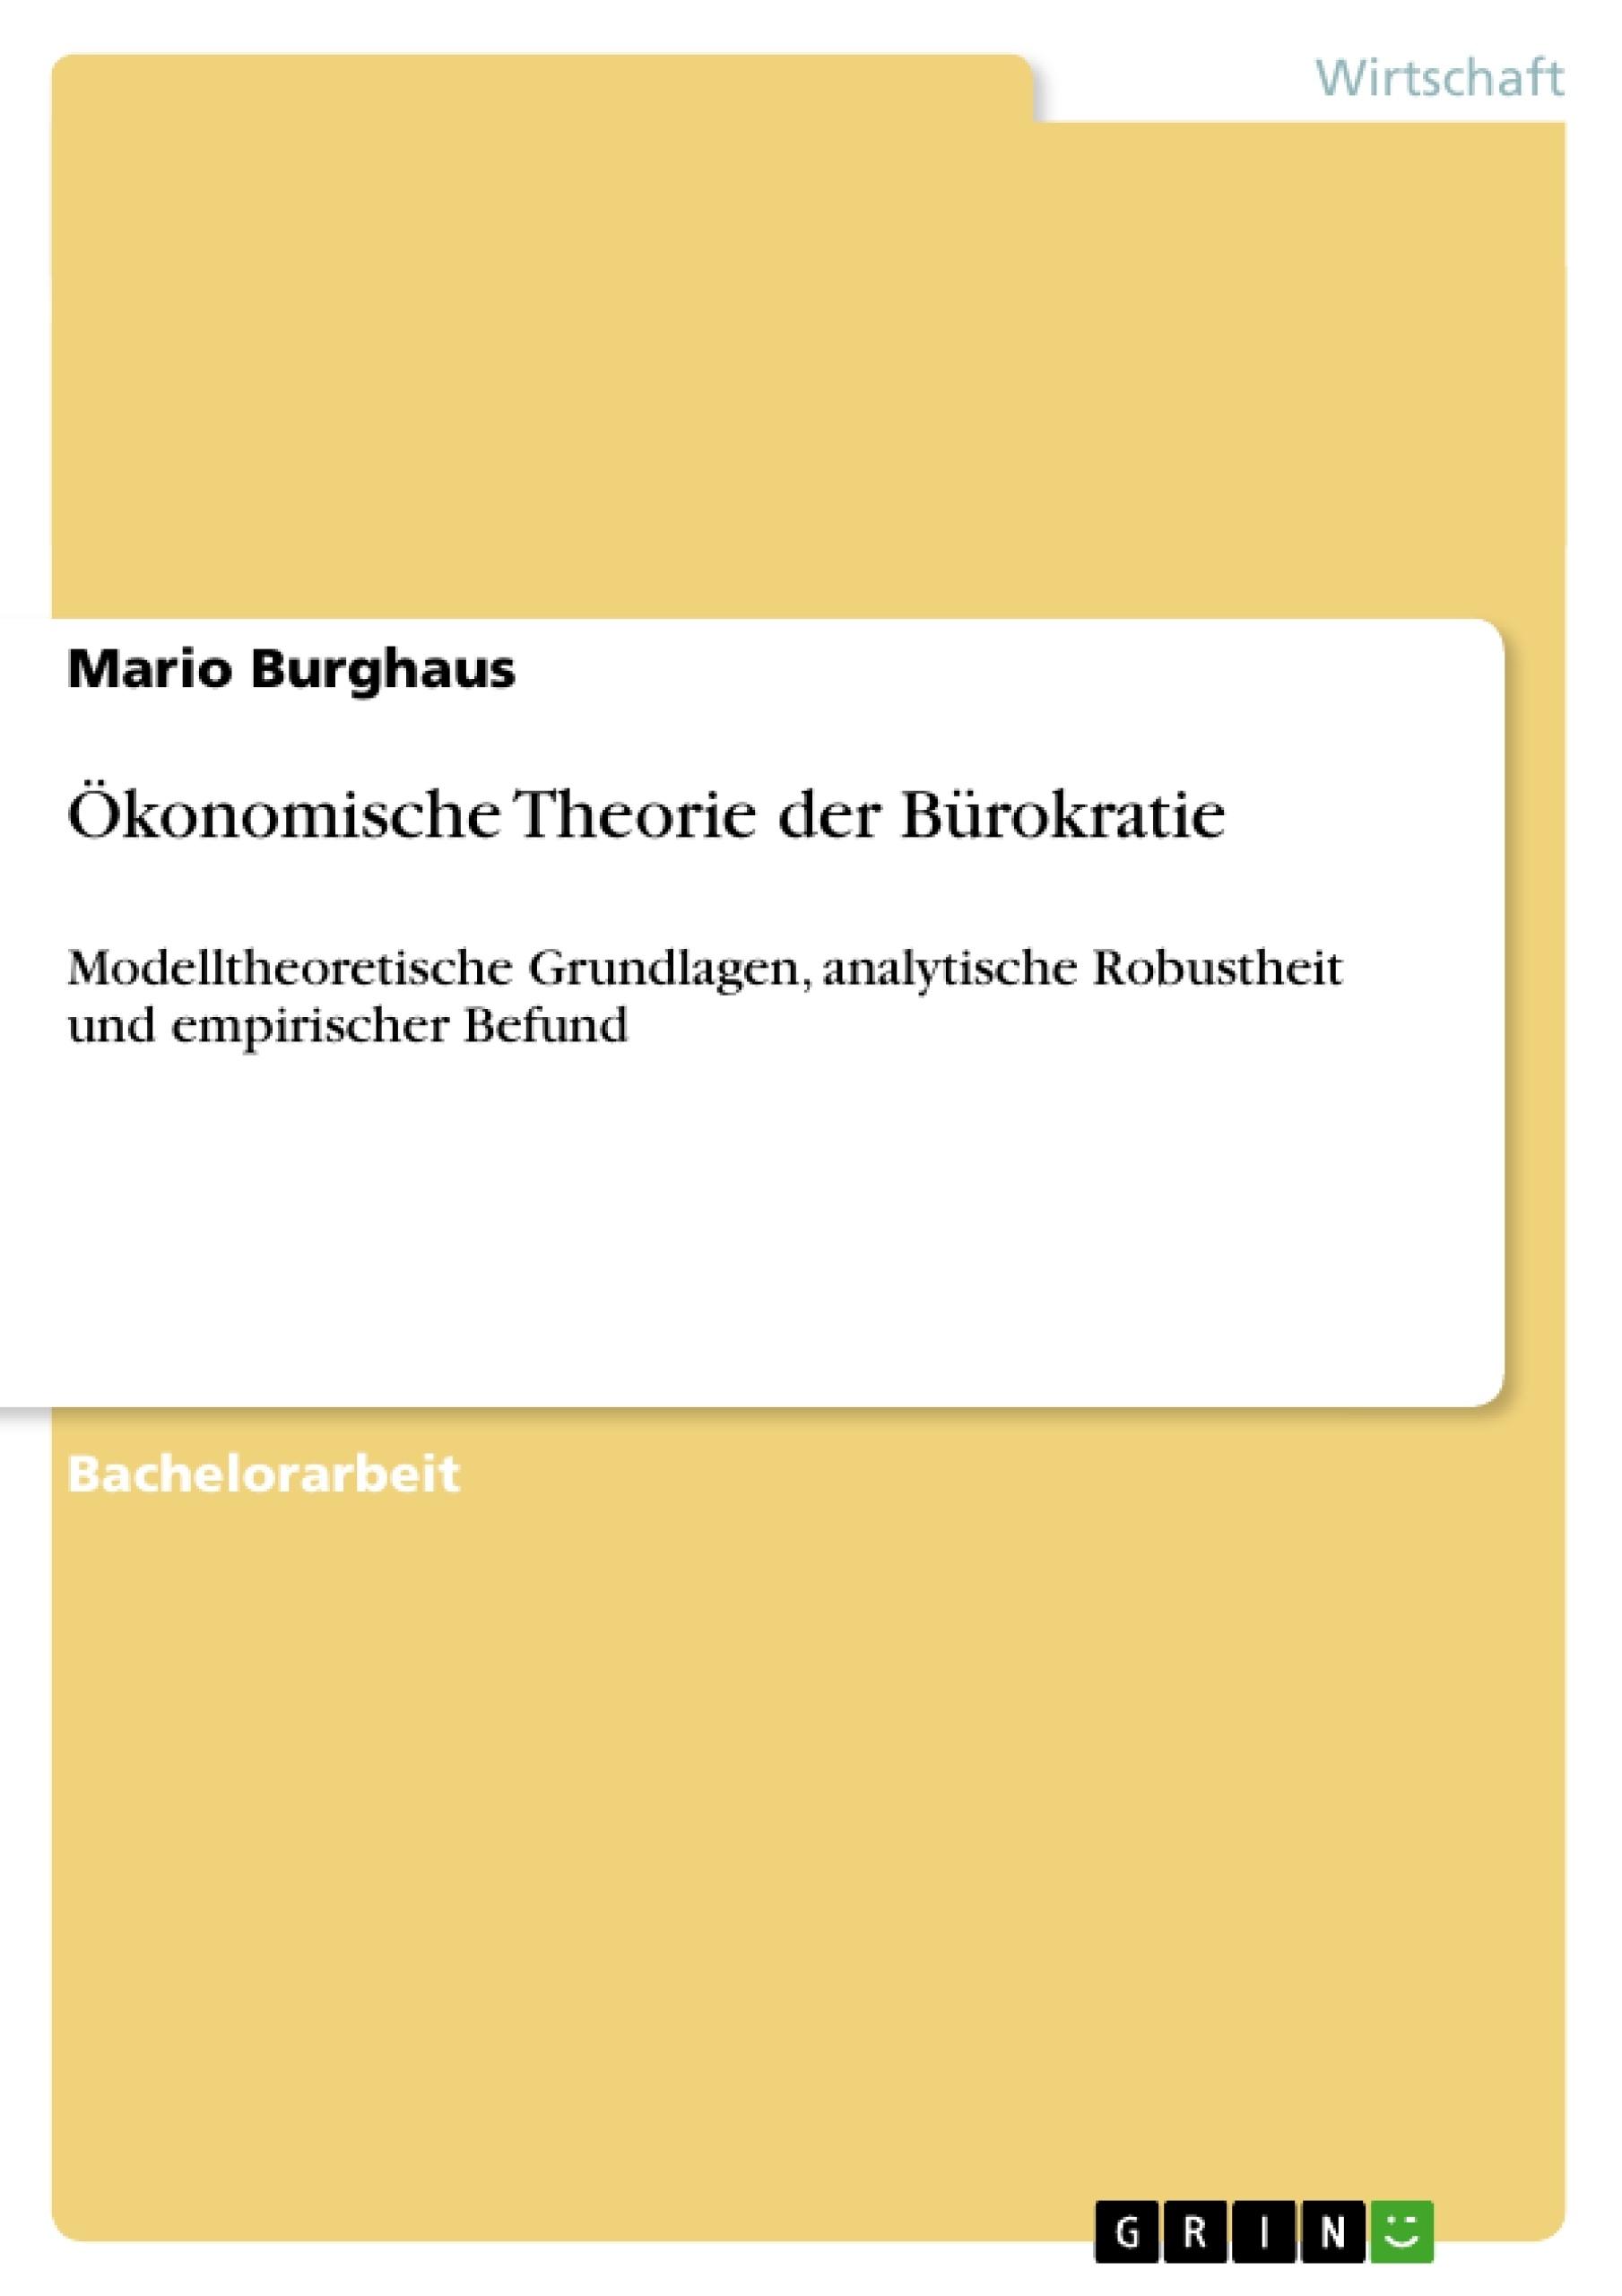 Titel: Ökonomische Theorie der Bürokratie